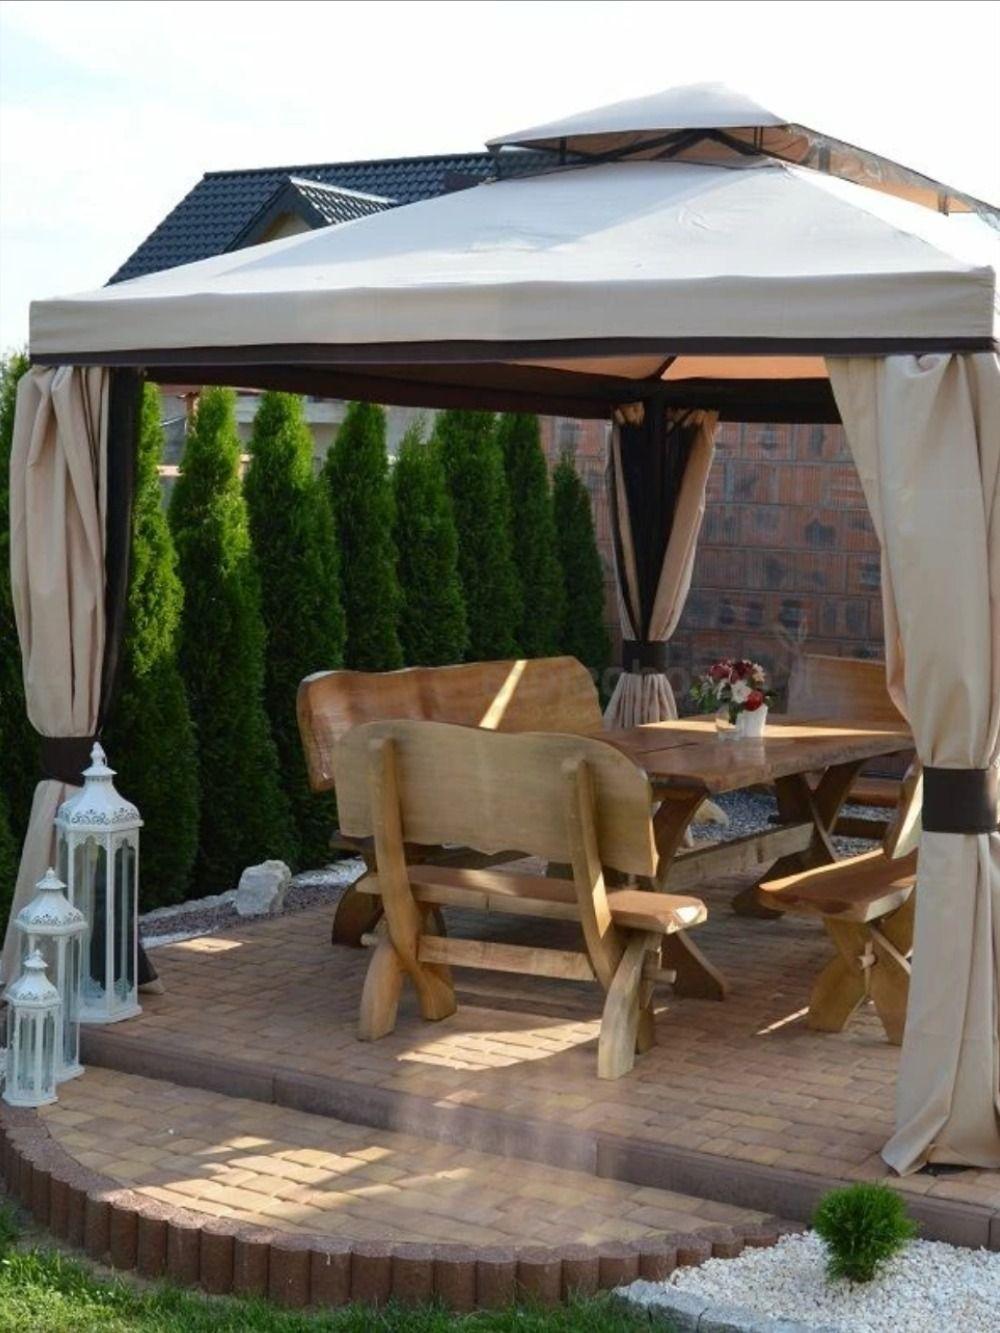 Pawilon Ogrodowy Z Moskitiera Walencja 3 X 4 M W Ogrodosfera Pl Outdoor Structures Gazebo Outdoor